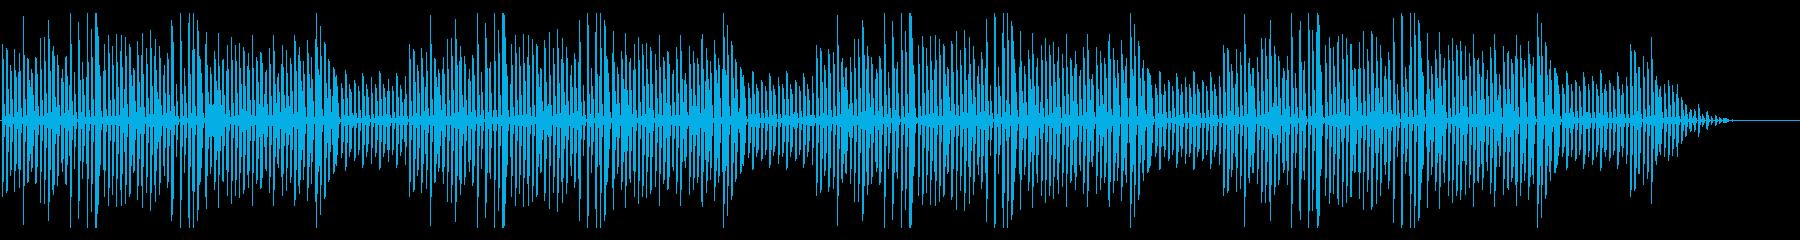 秋の童謡「虫の声」シンプルなピアノソロの再生済みの波形